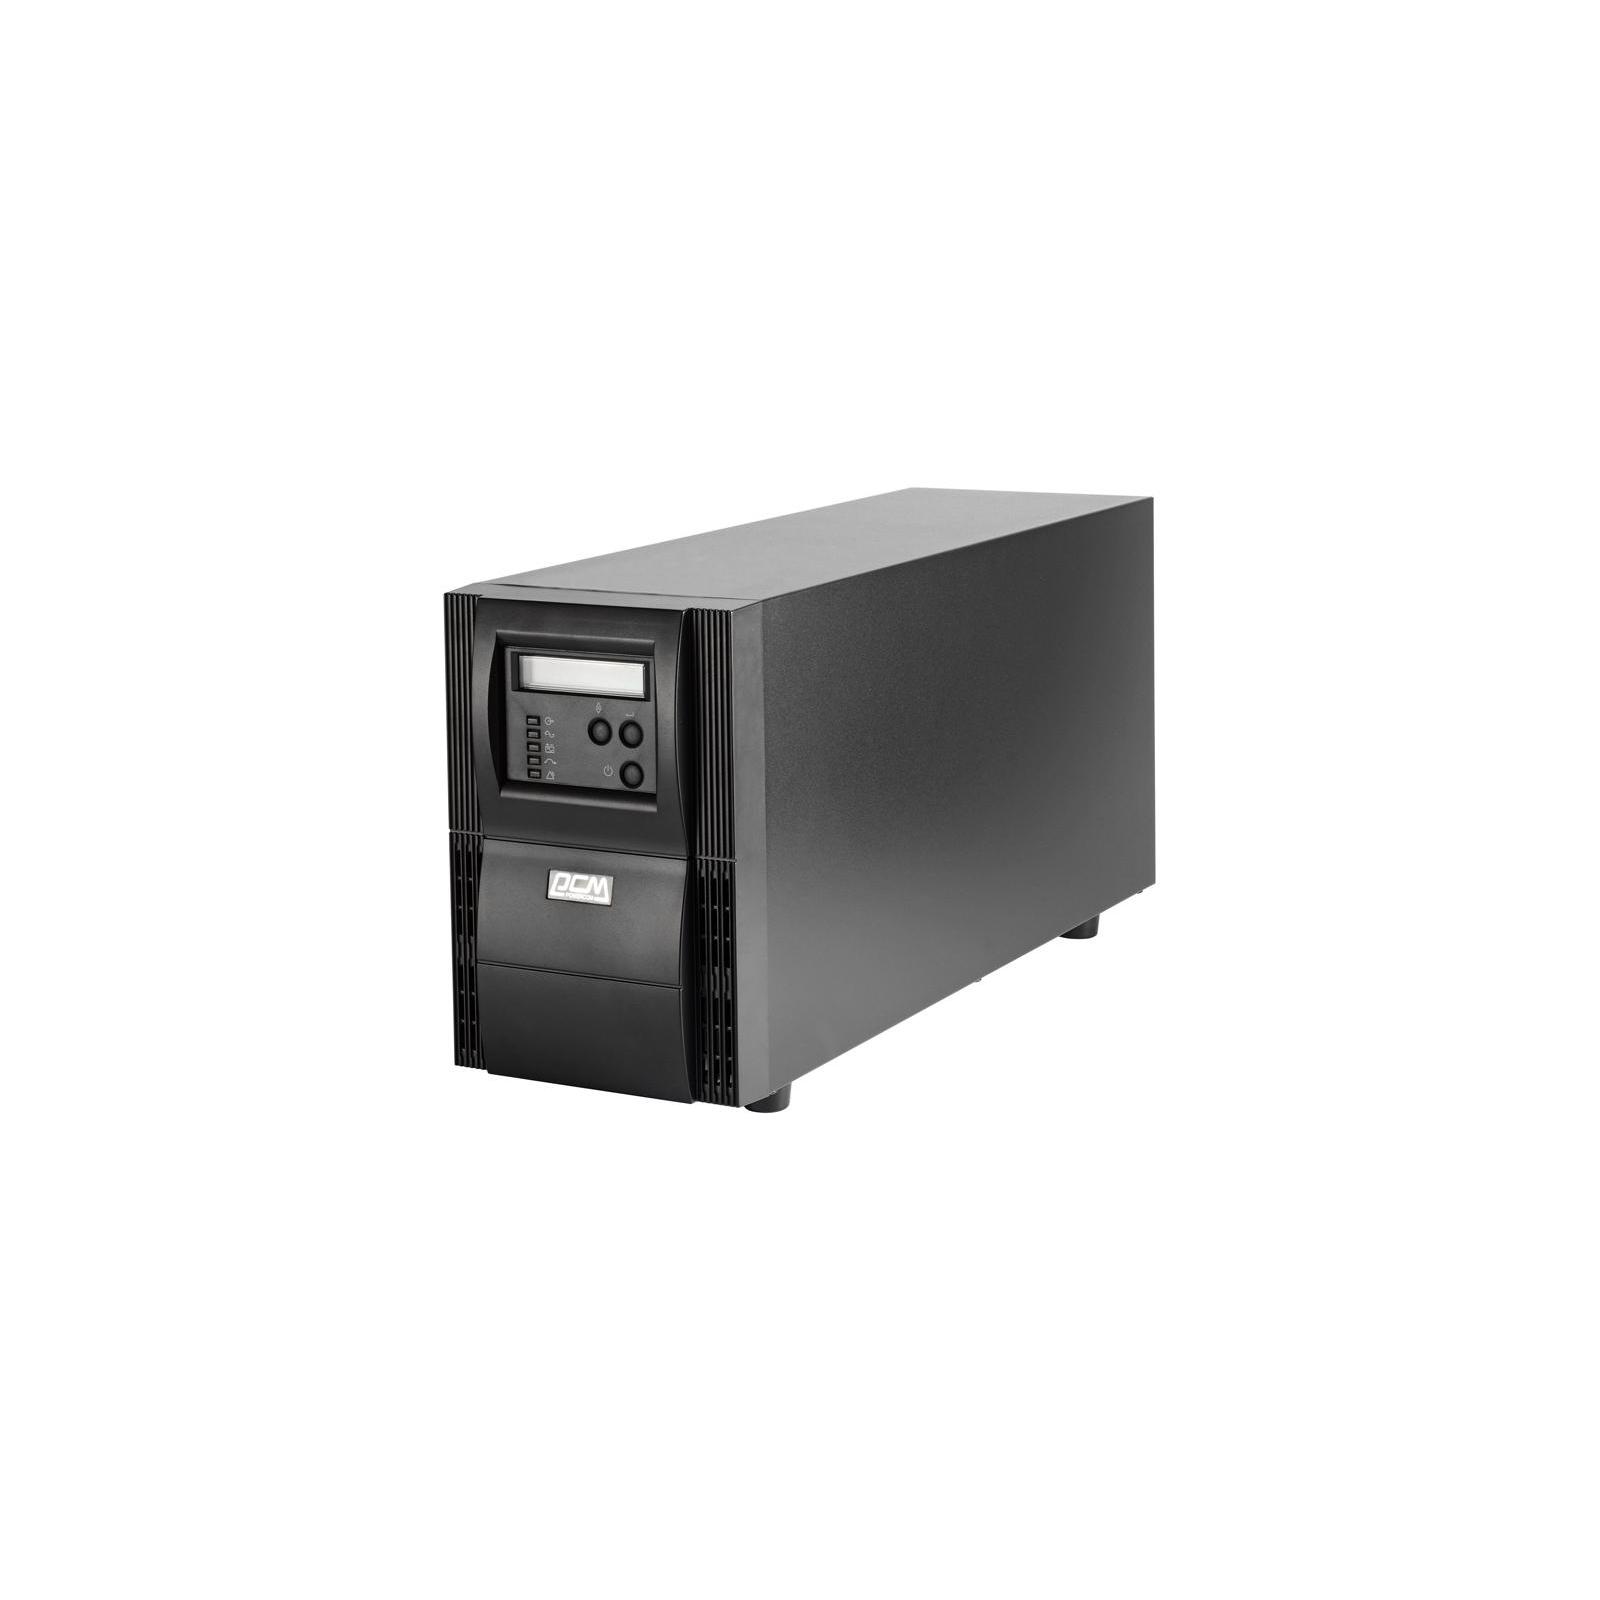 Источник бесперебойного питания Powercom VGS-3000